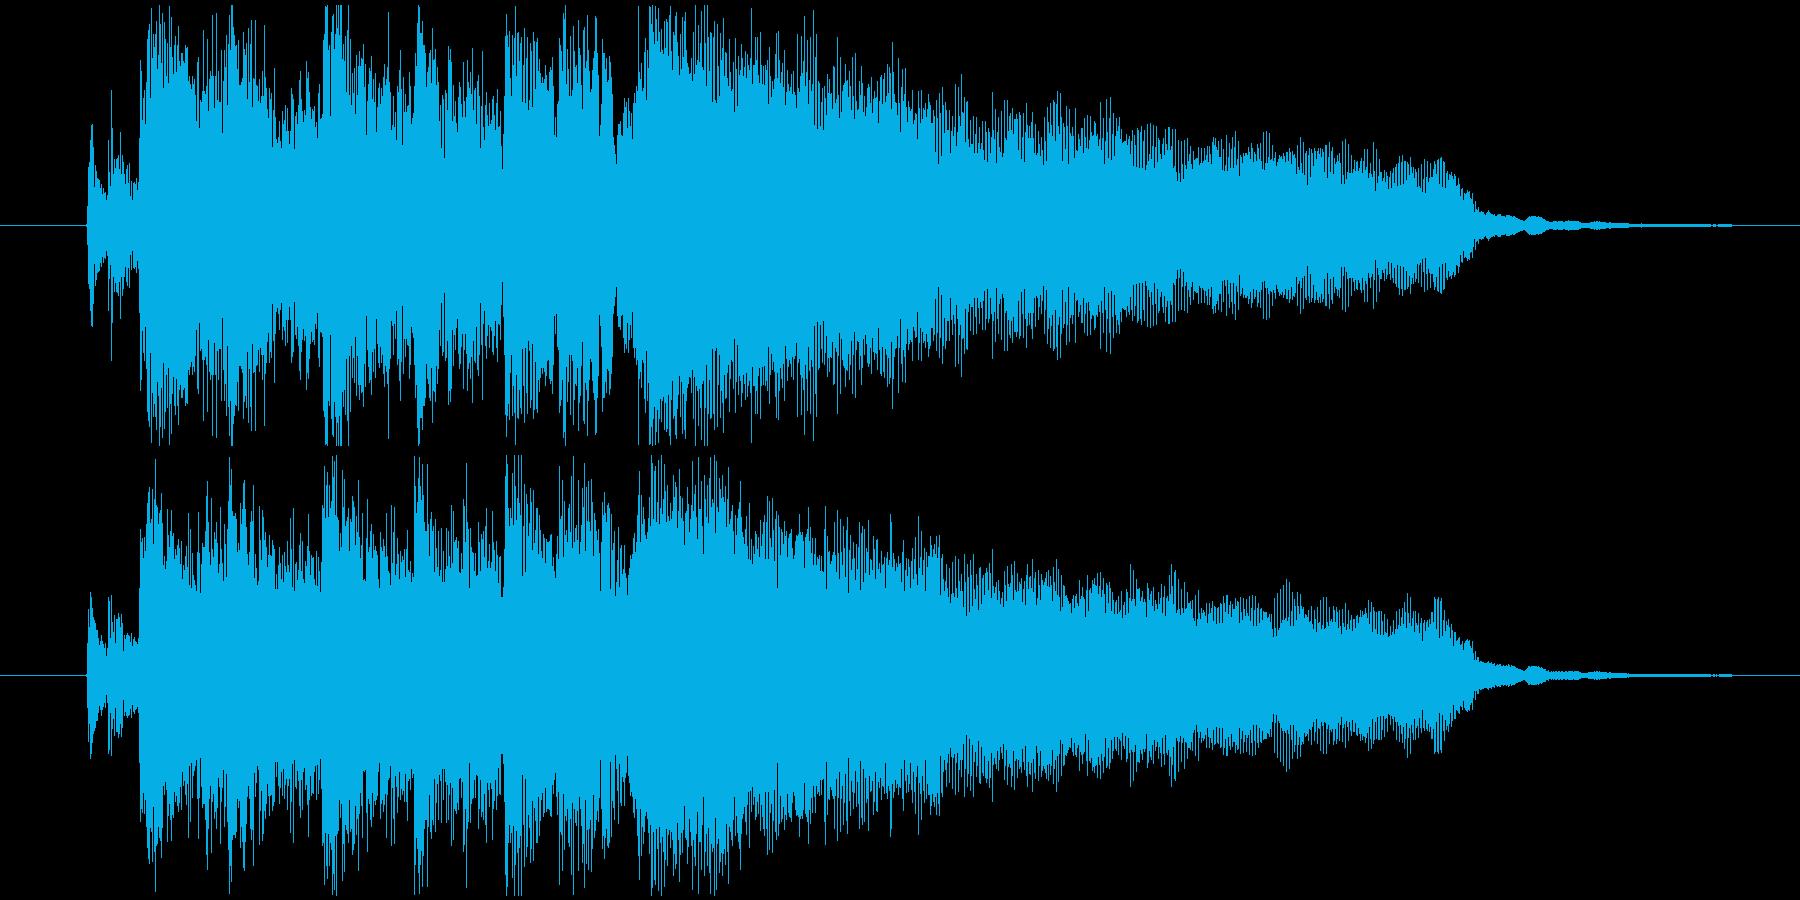 ドライブしたエレキギターのジングルの再生済みの波形